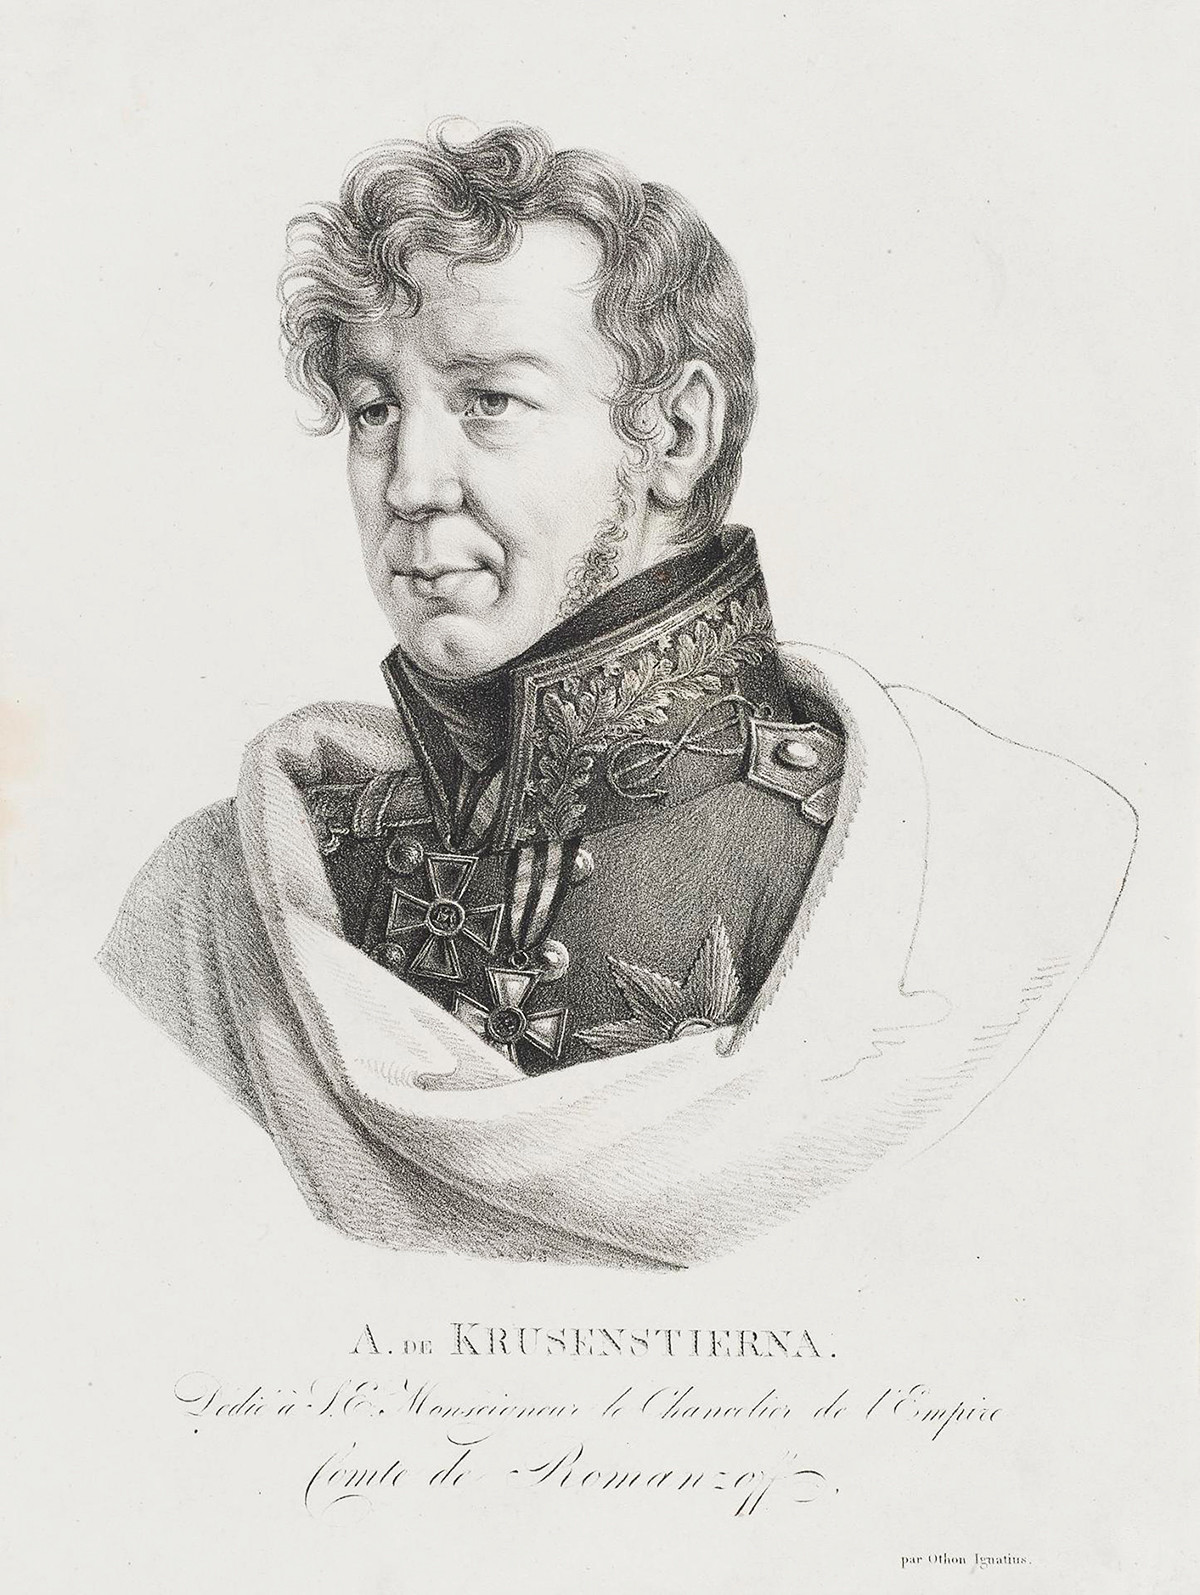 Ferdinand von Wrangel (1770-1846)